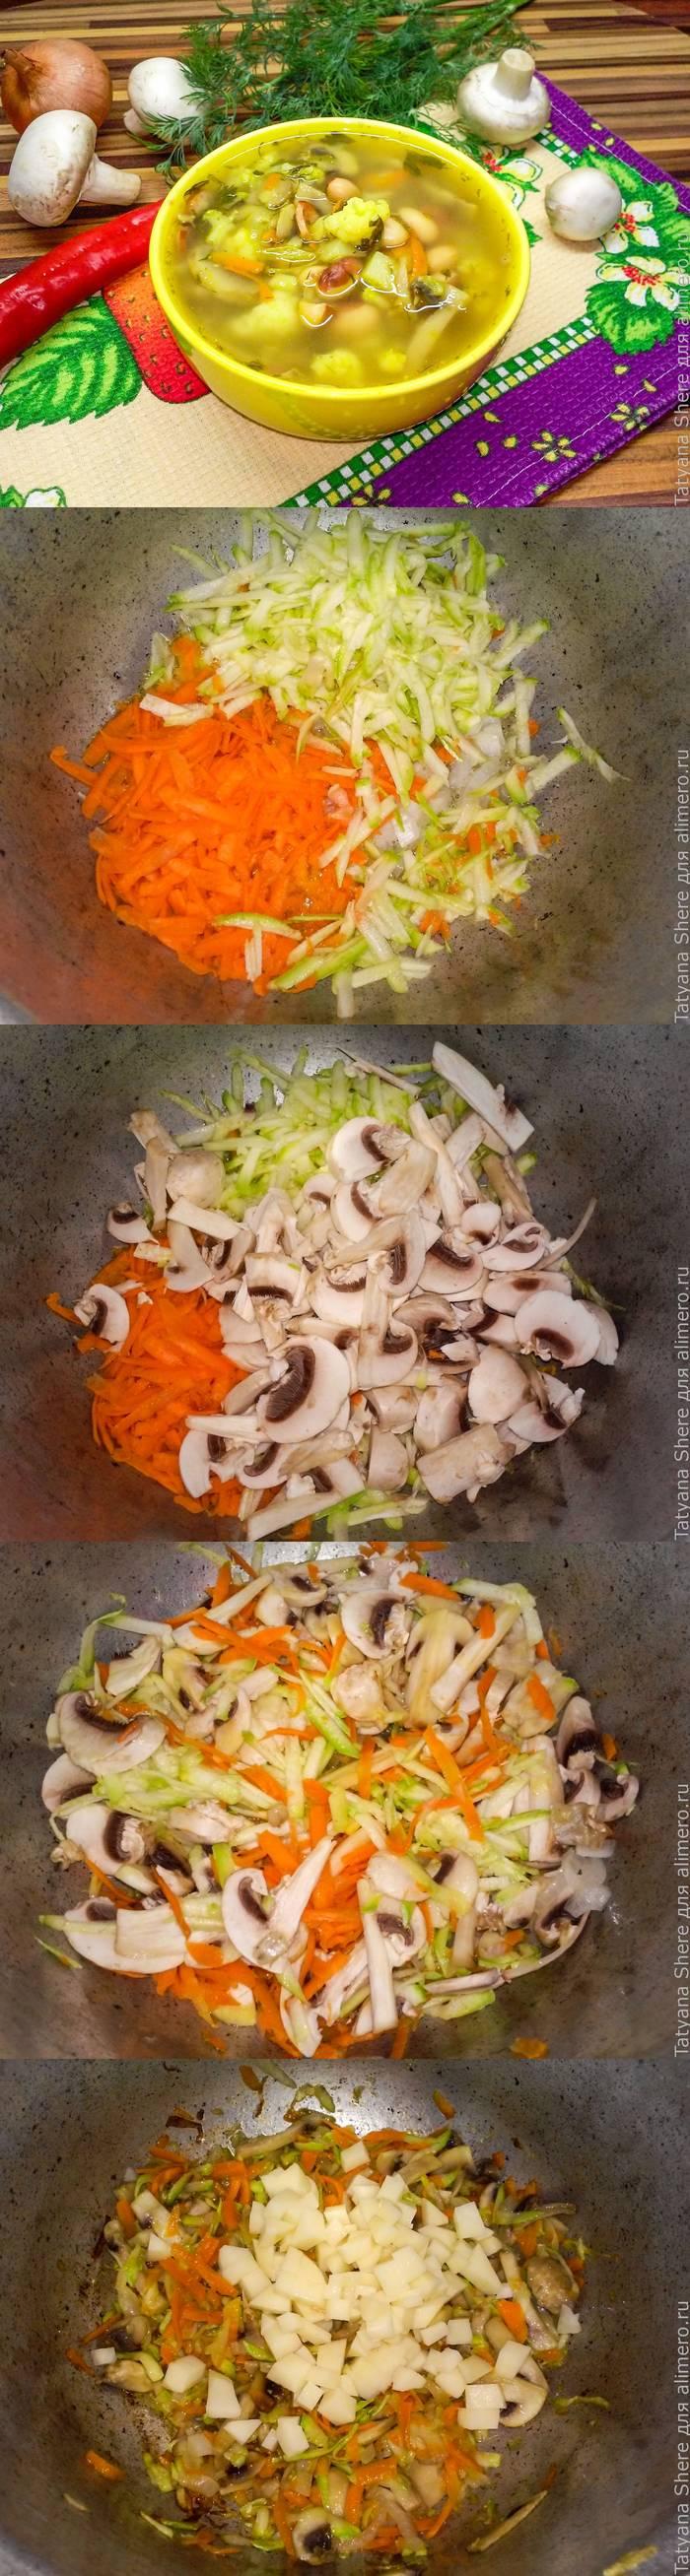 Рассольник с рисом, фасолью и грибами